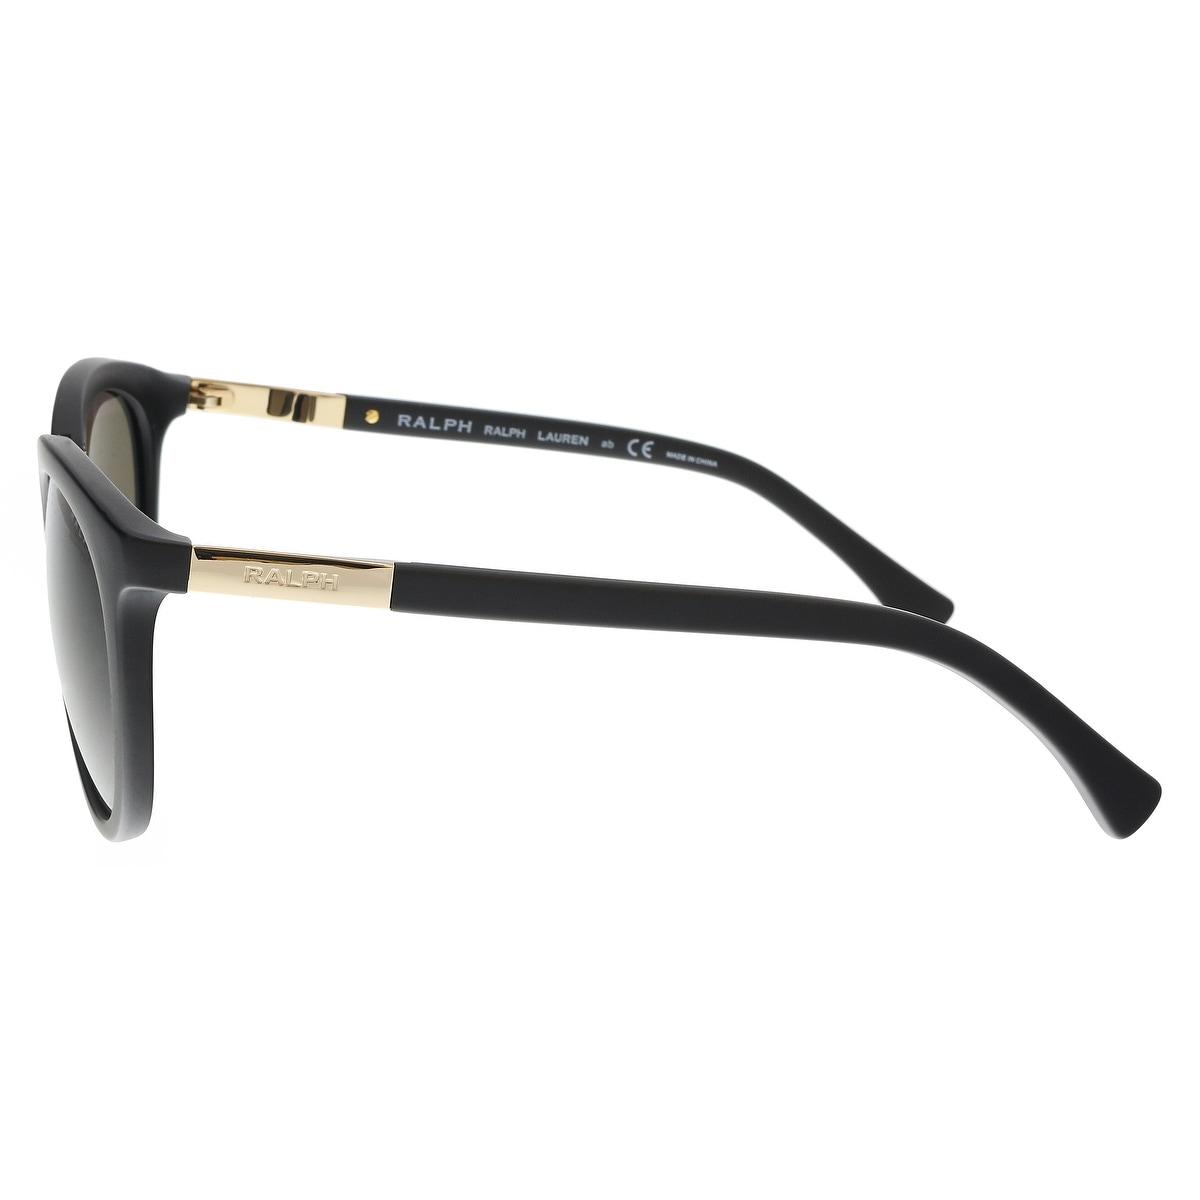 e603b693a97a Shop Ralph Lauren RA5207 105873 Matte Black Cat eye Sunglasses - 52-21-135  - Free Shipping Today - Overstock - 21488059